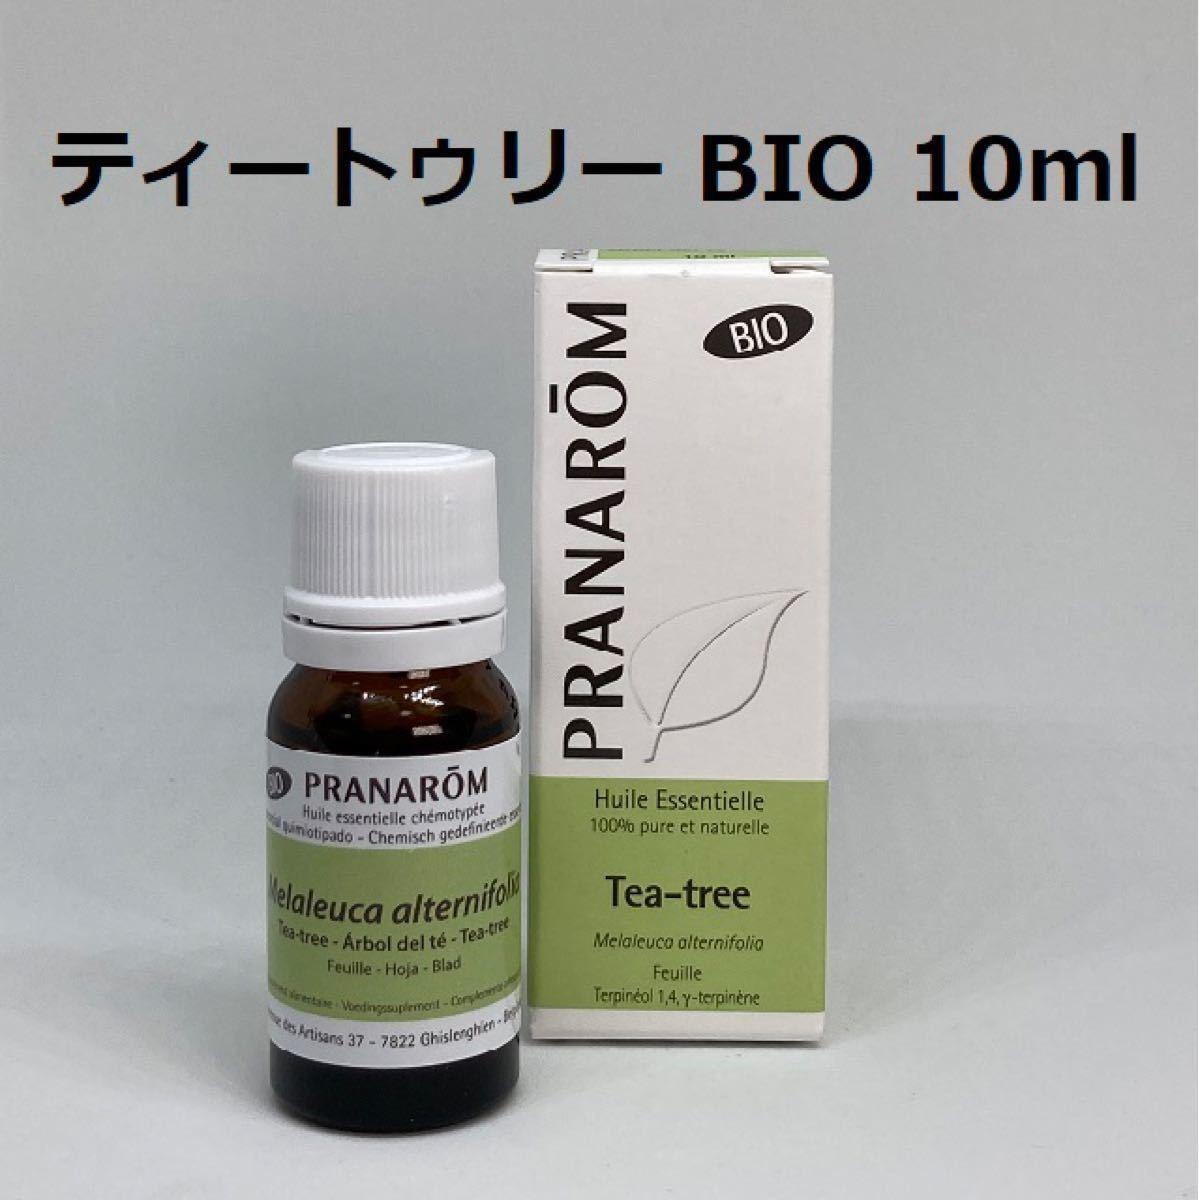 プラナロム ティートゥリー BIO 10ml PRANAROM ティーツリー